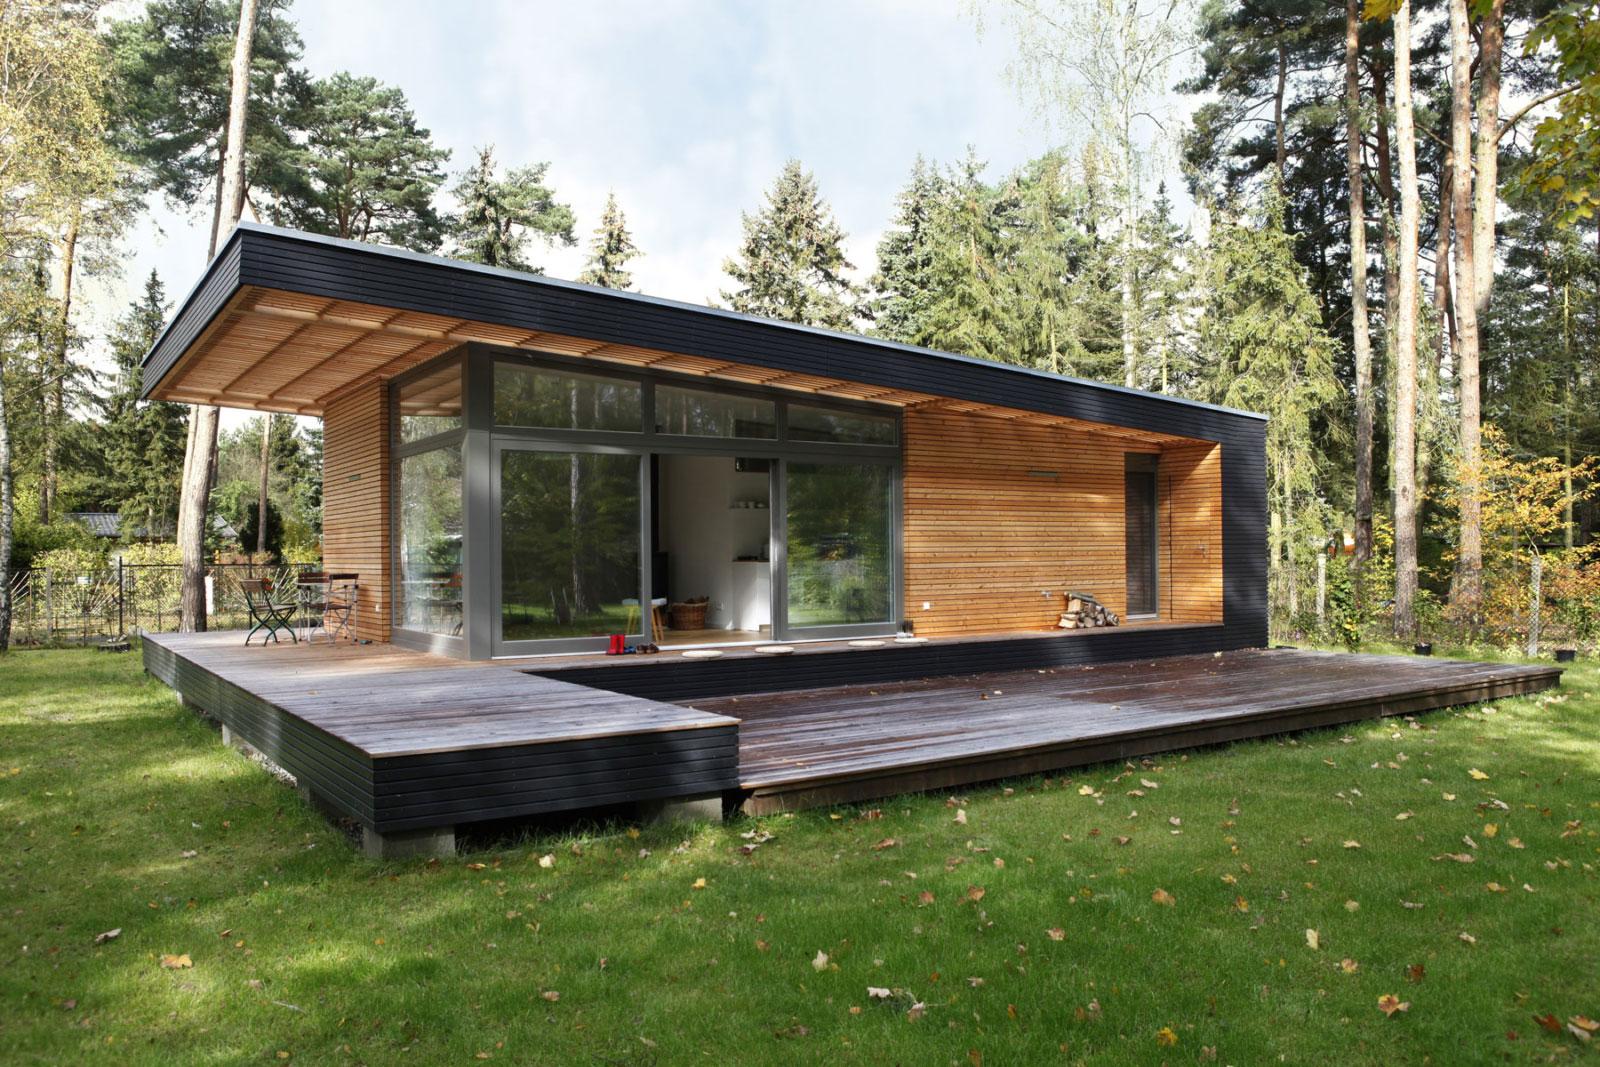 Vorgefertigtes Architektenhaus aus Holz